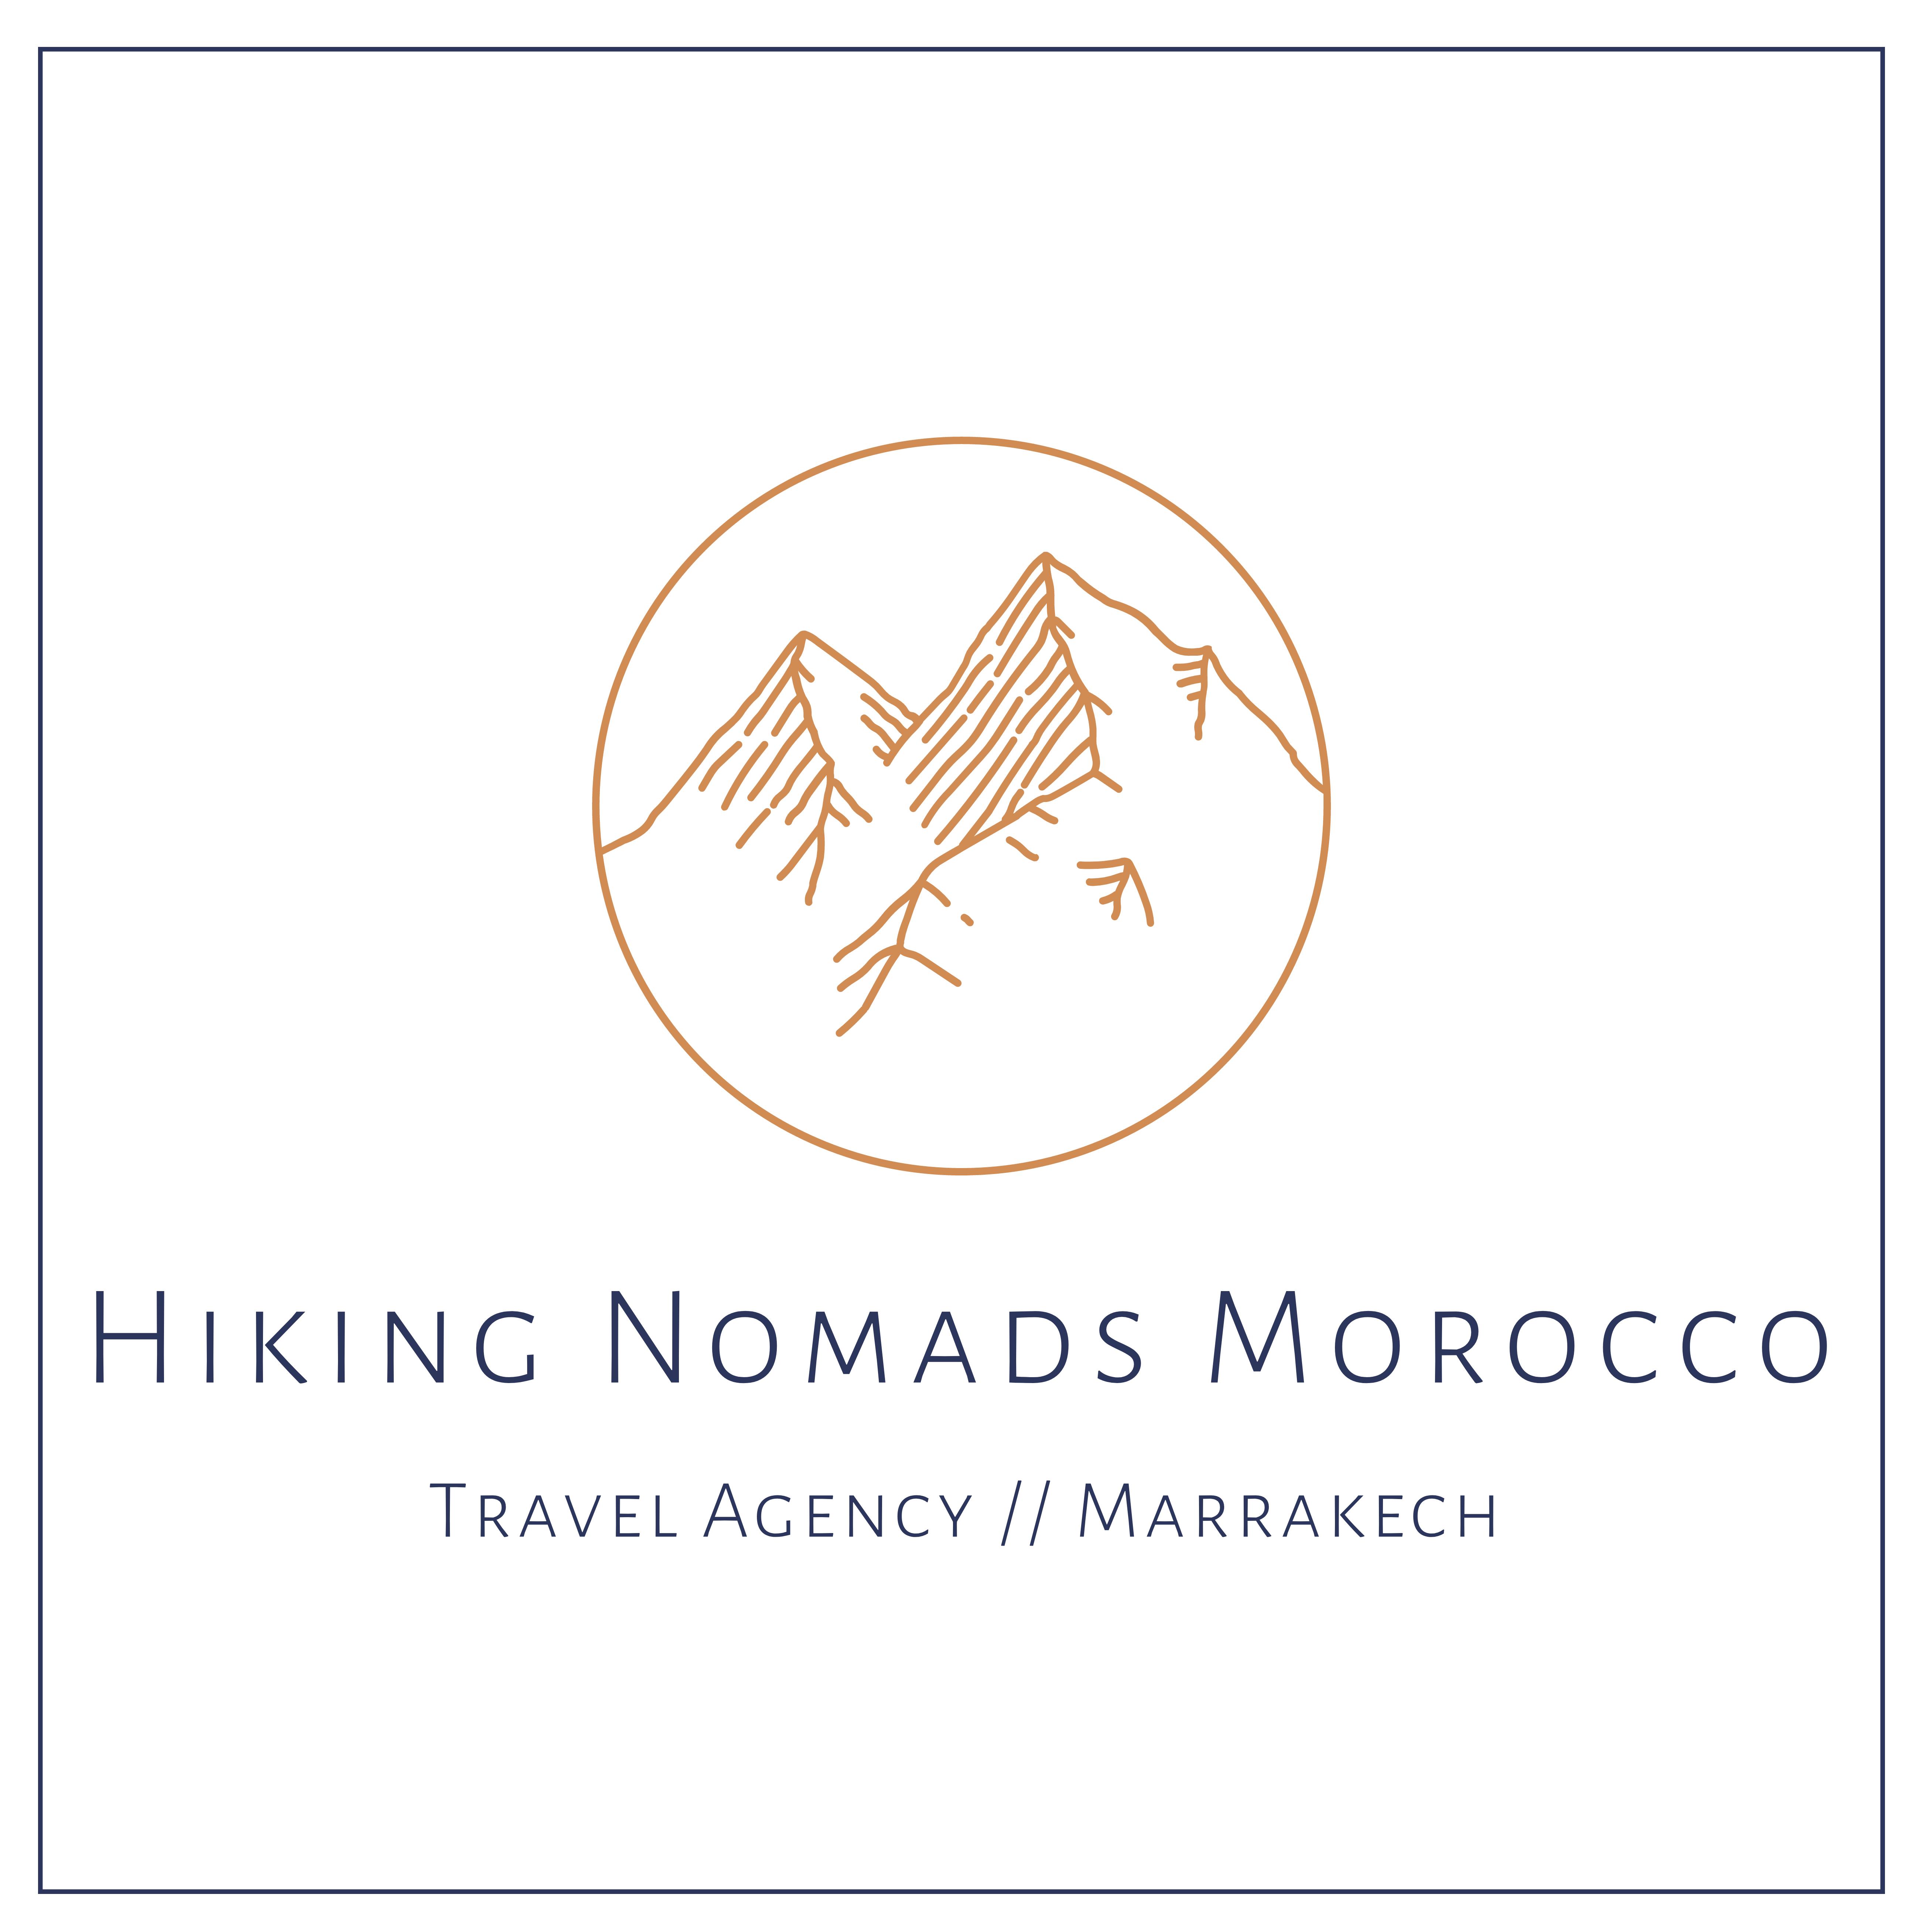 Hiking Nomads